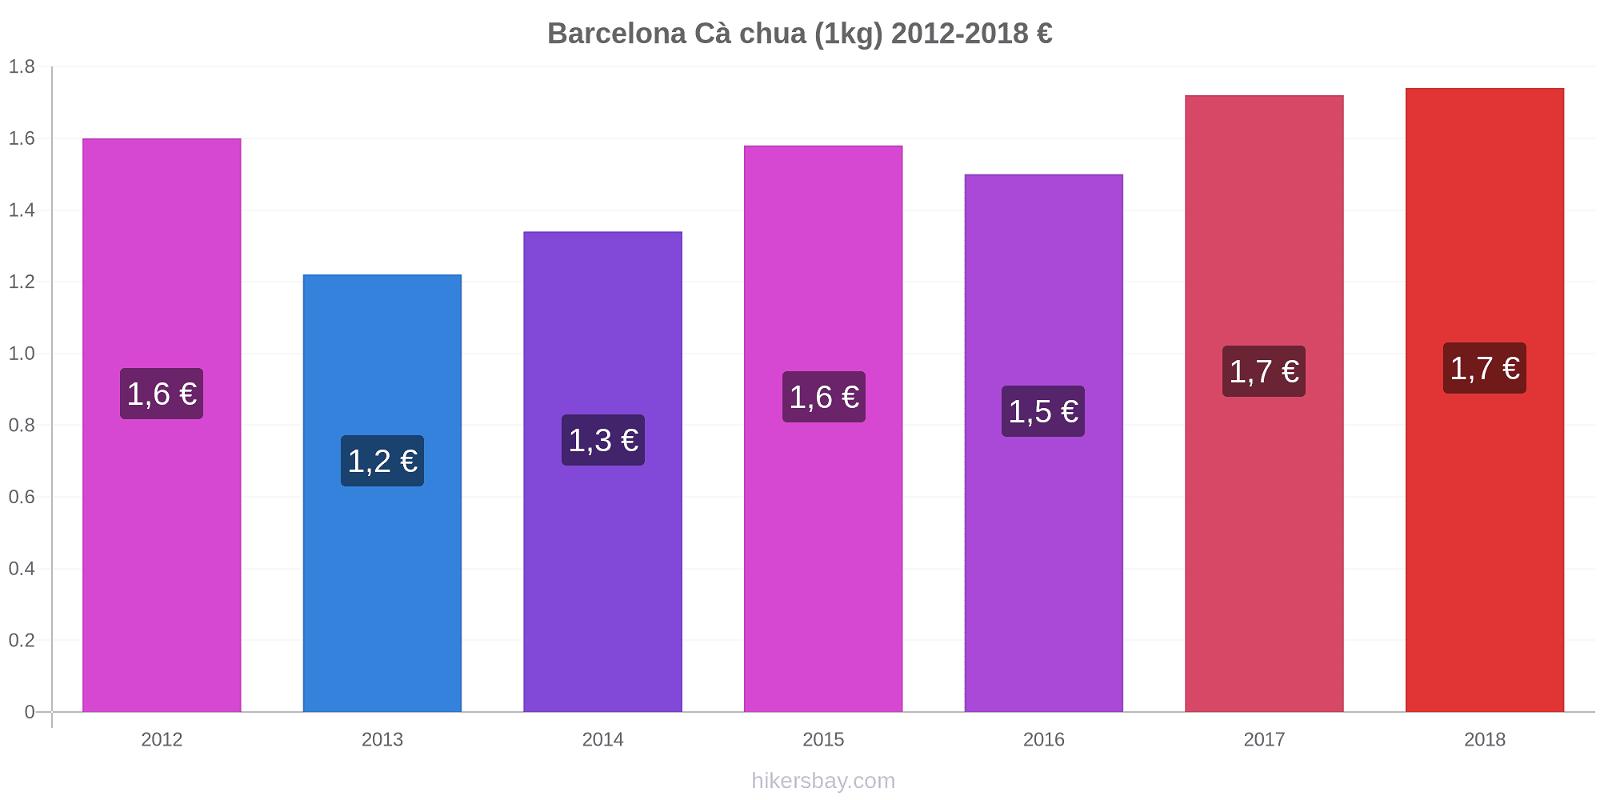 Barcelona thay đổi giá Cà chua (1kg) hikersbay.com